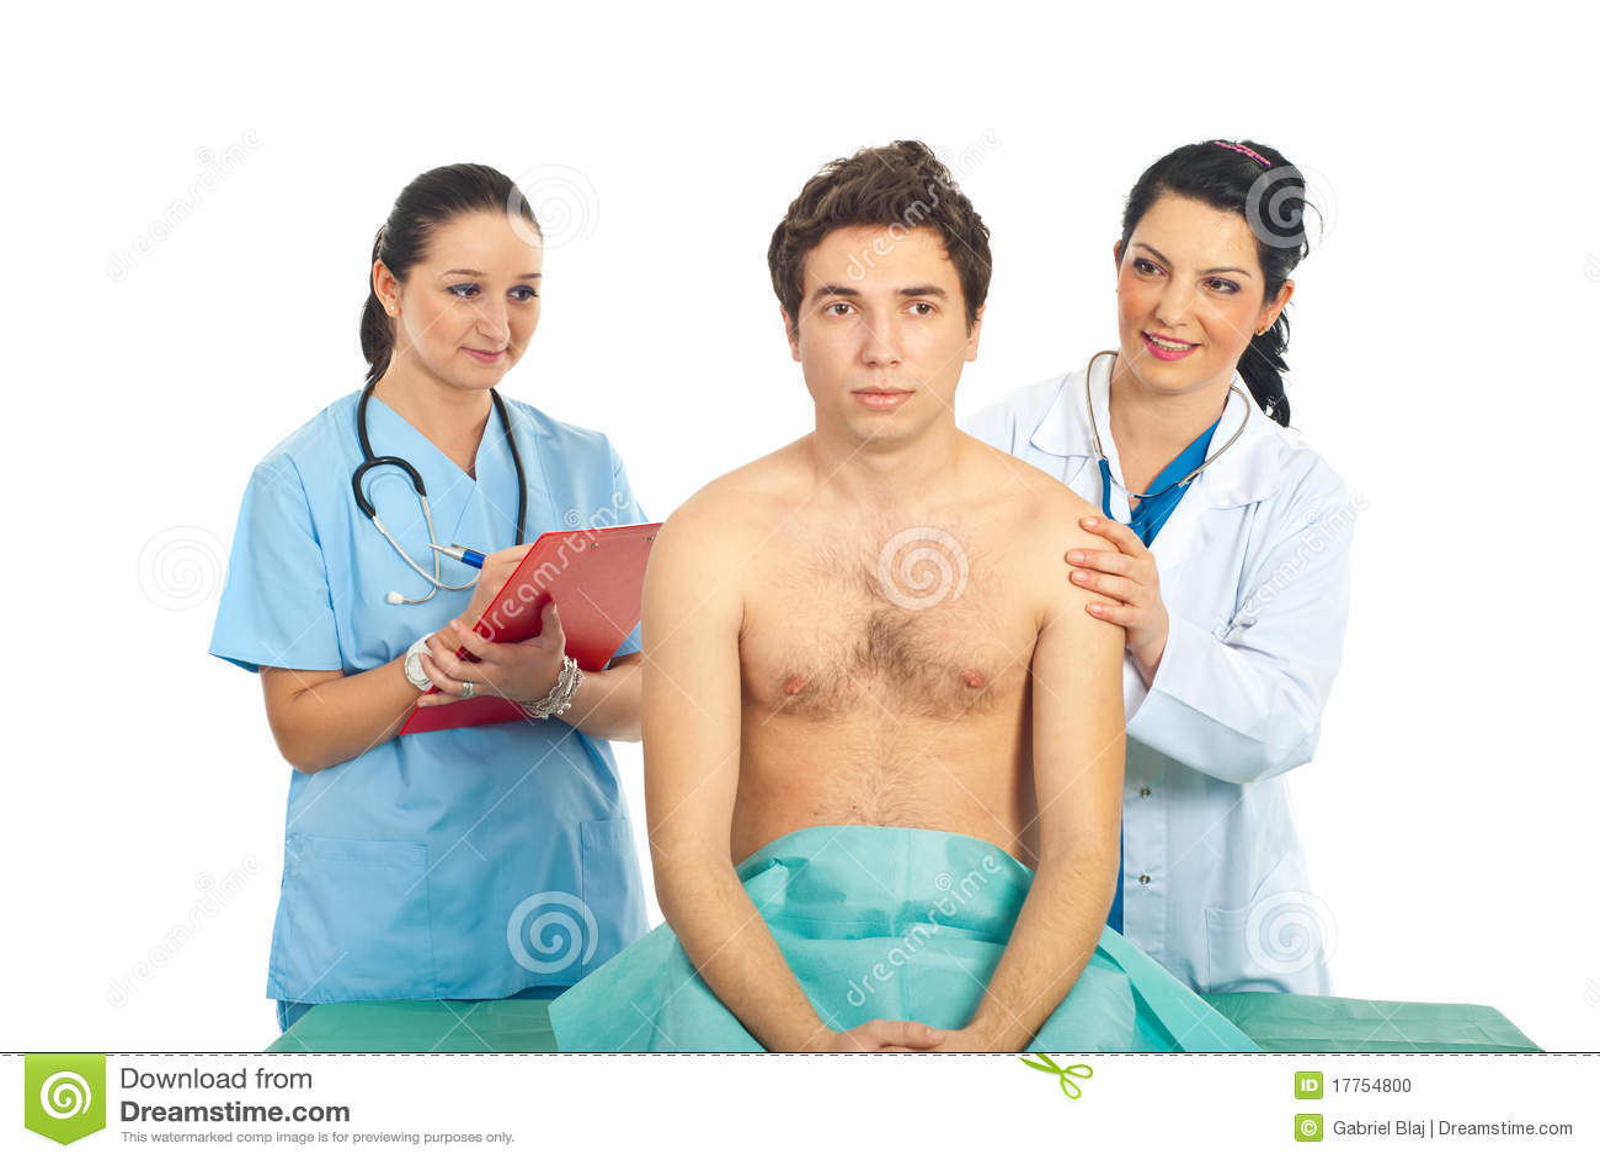 Kurbani Came For Checkup @ Lady Doctor - Ali, Raghu Babu